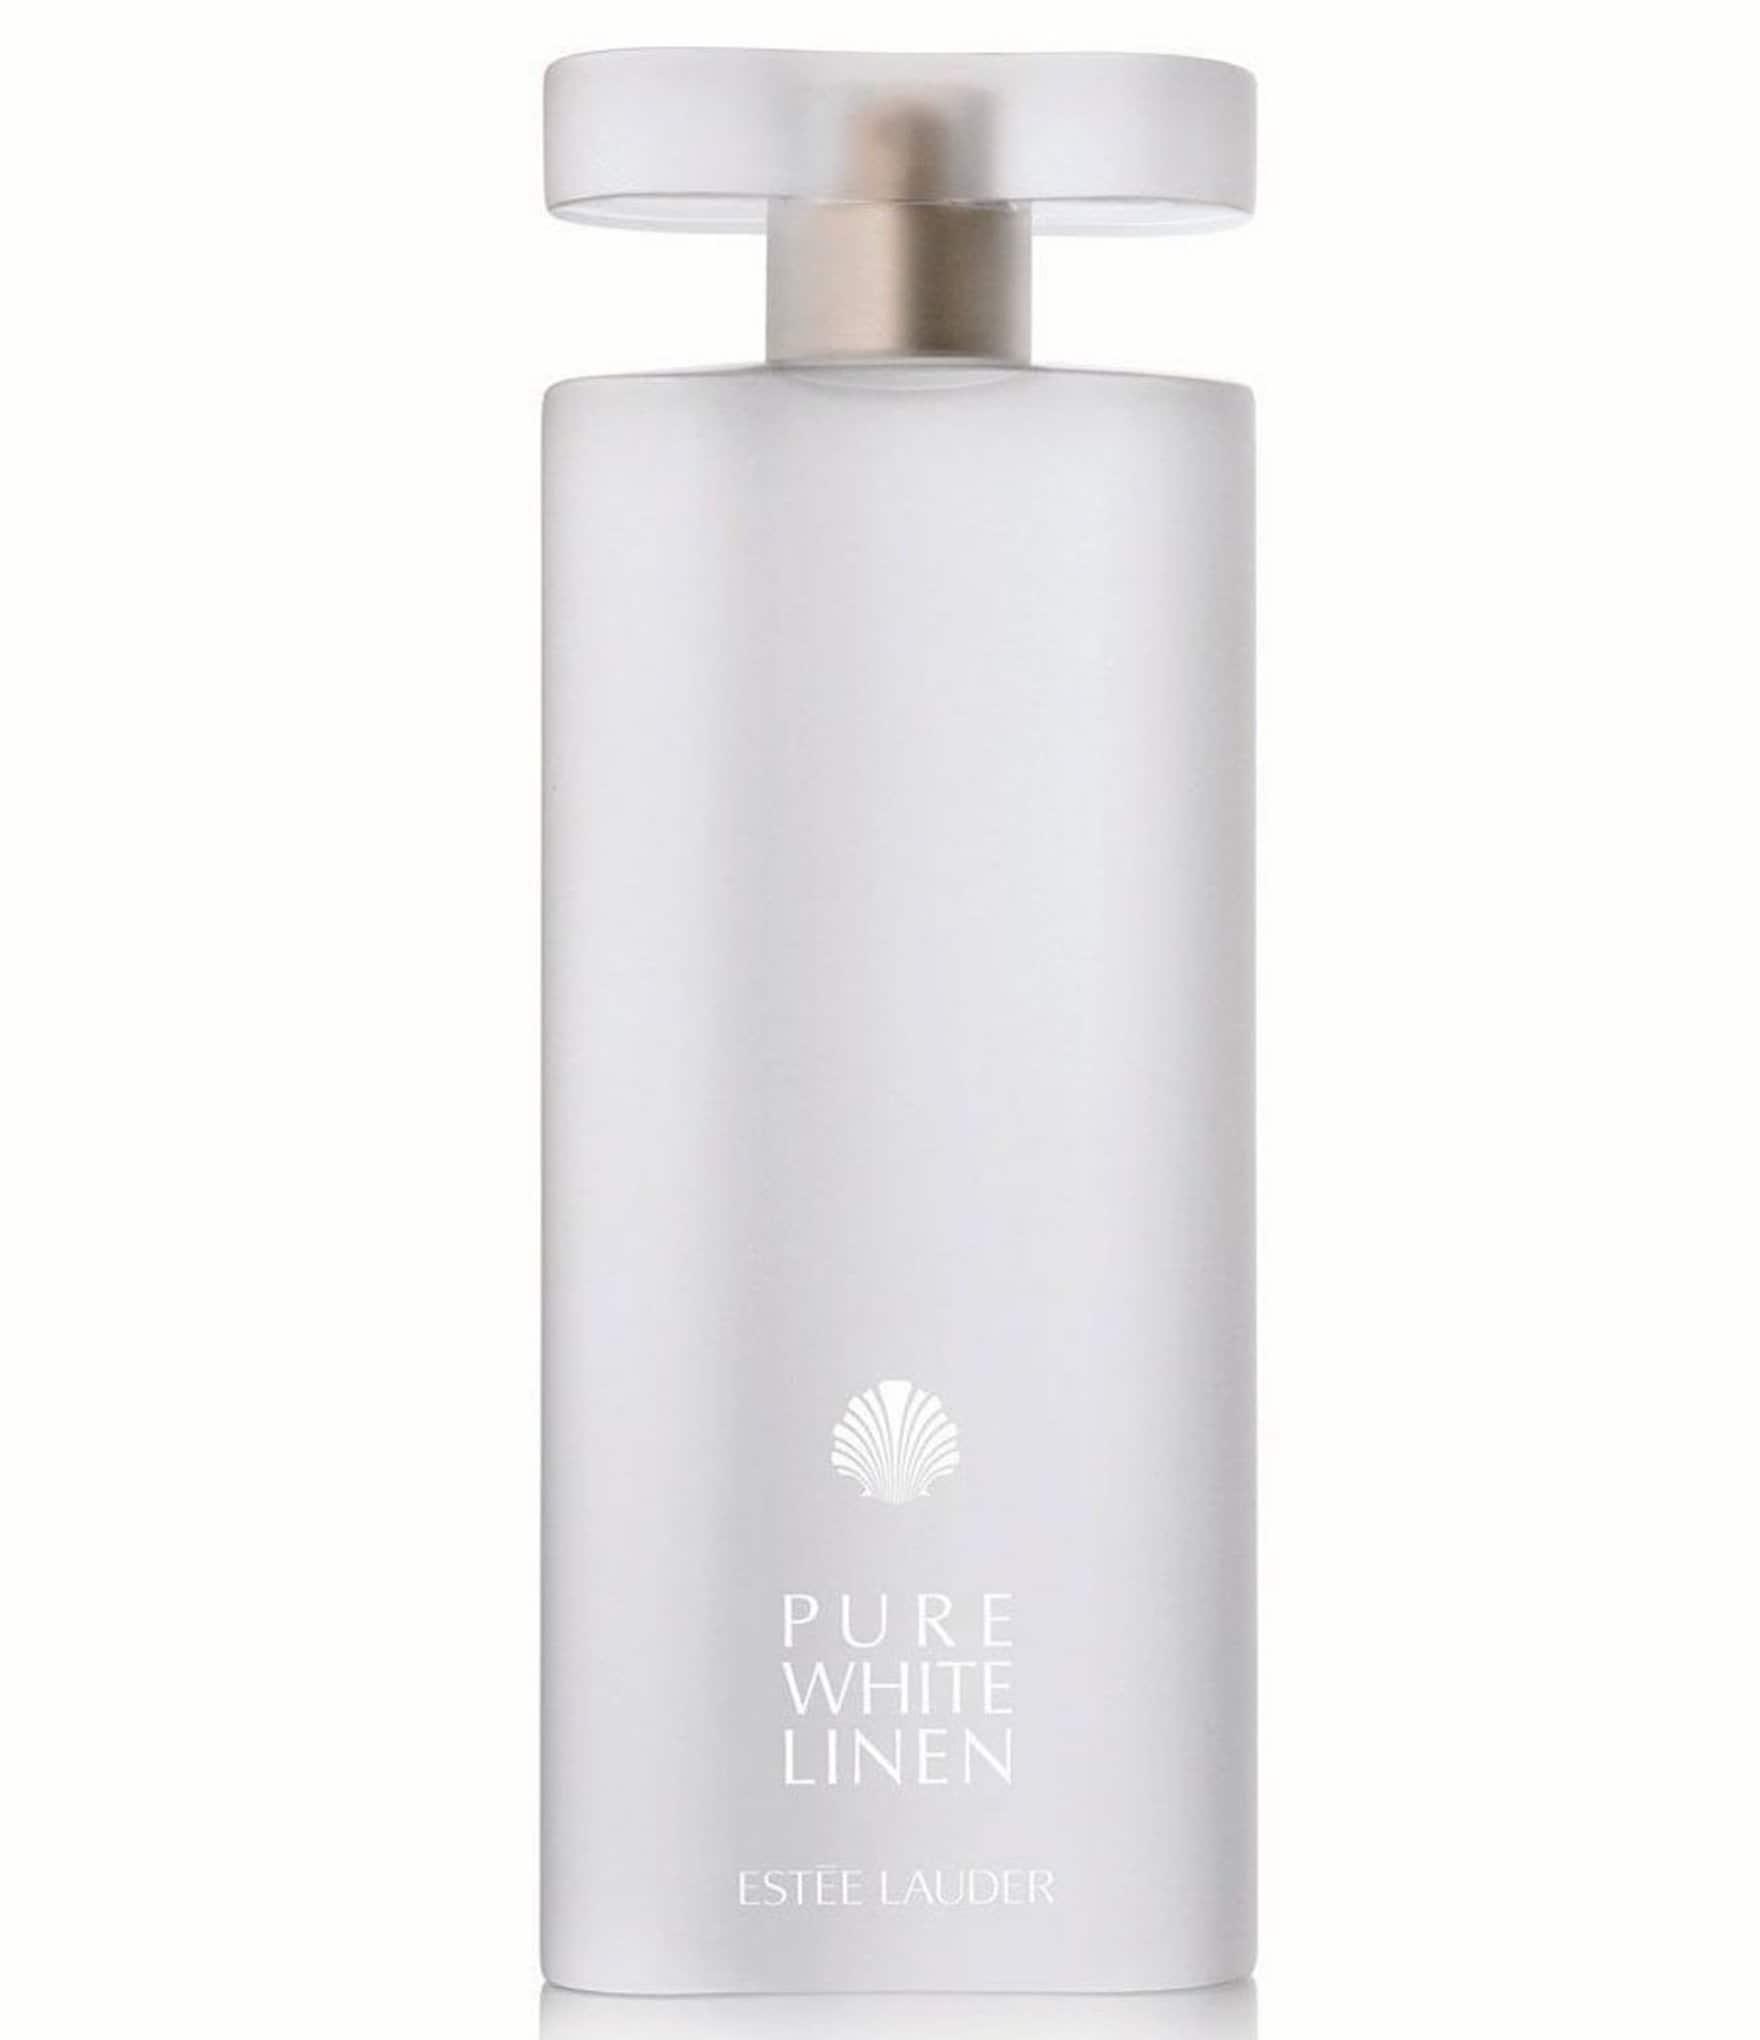 Est 233 E Lauder Pure White Linen Eau De Parfum Spray Dillards